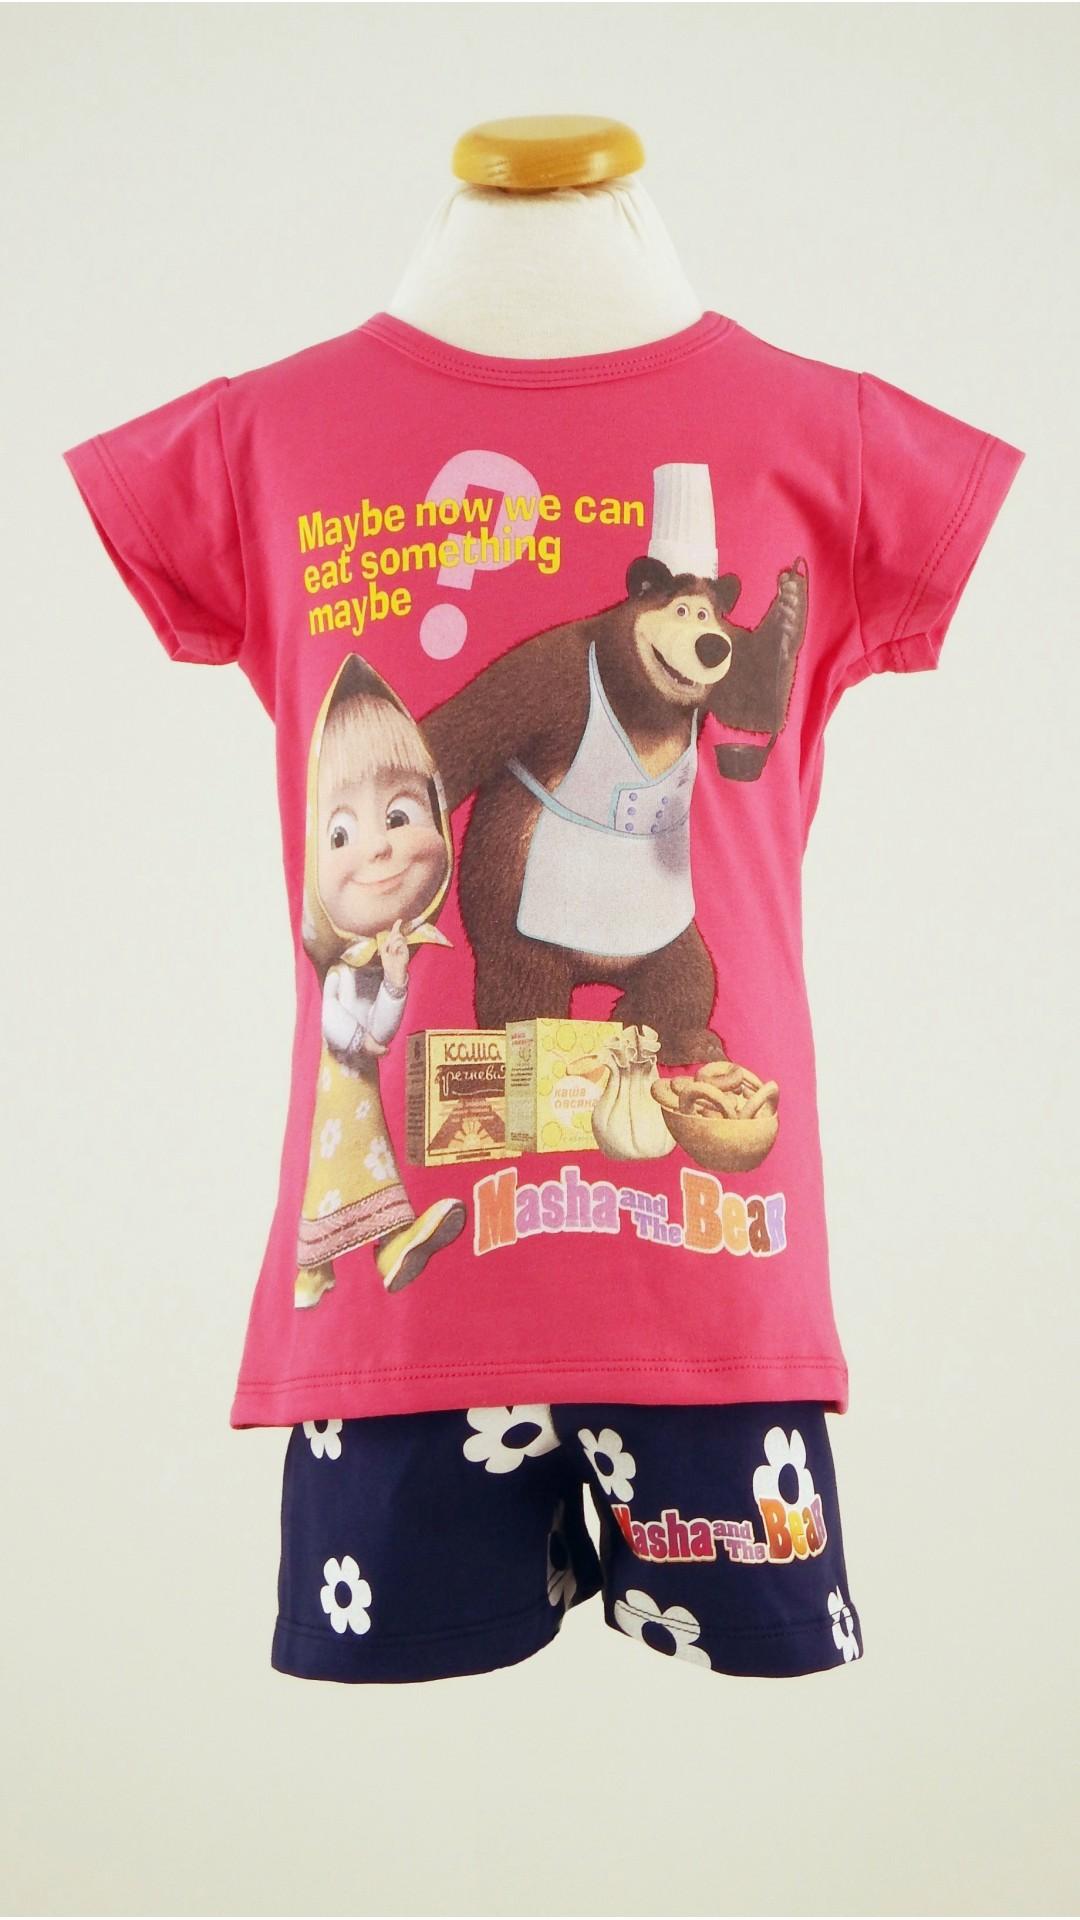 Orso Completo Di E Bolle Bambini Masha Abbigliamento Sapone I7yfb6gYvm